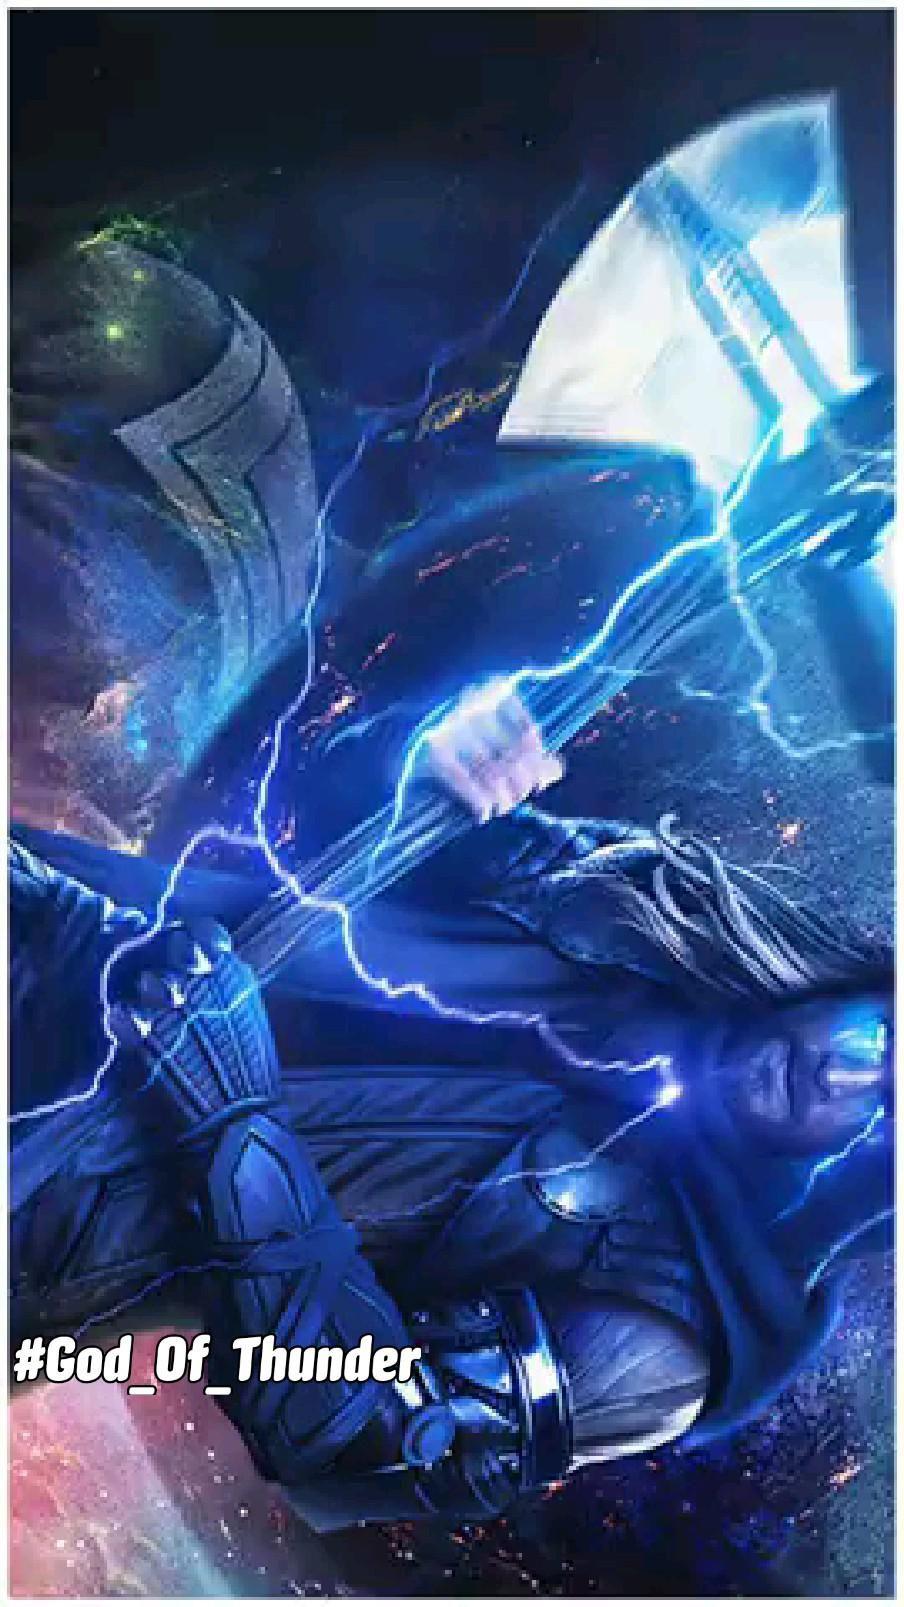 #God_Of_Thunder